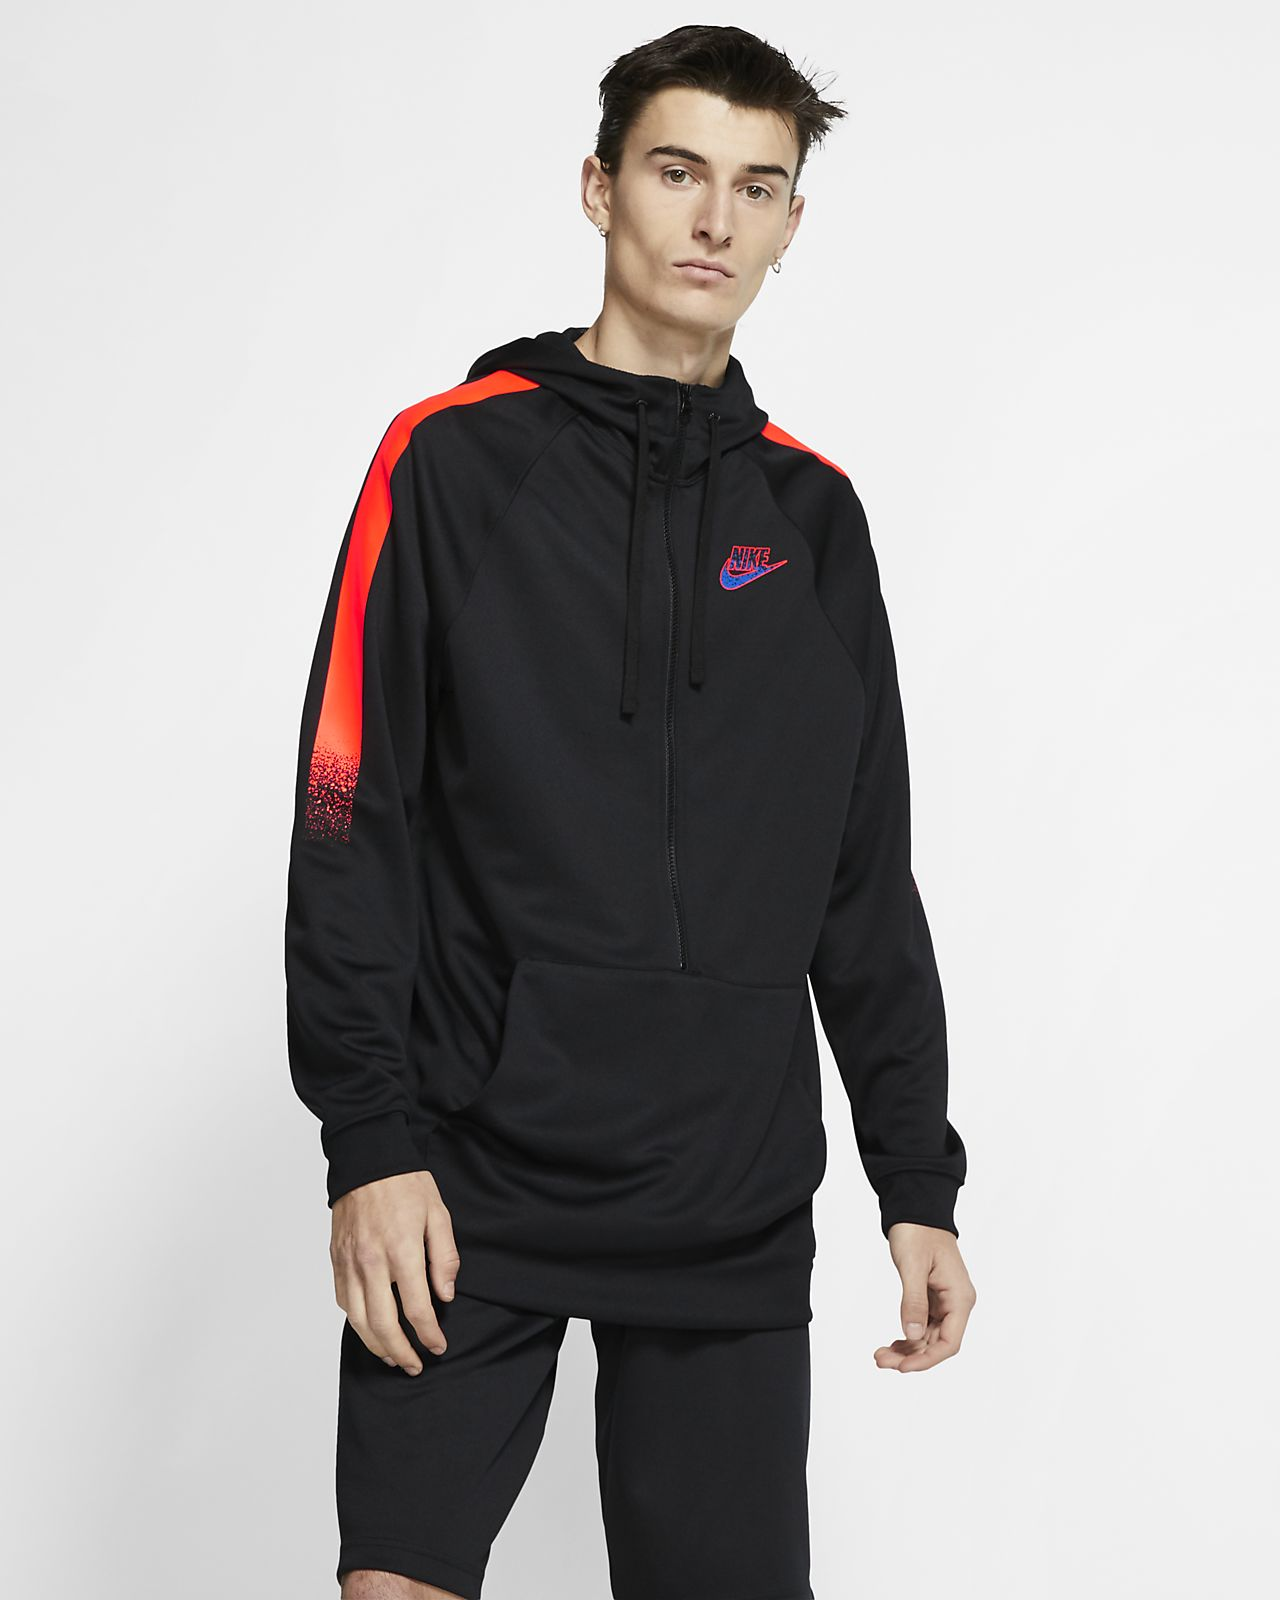 ed1461e8 ... Nike Sportswear hettejakke med glidelås i halv lengde til herre